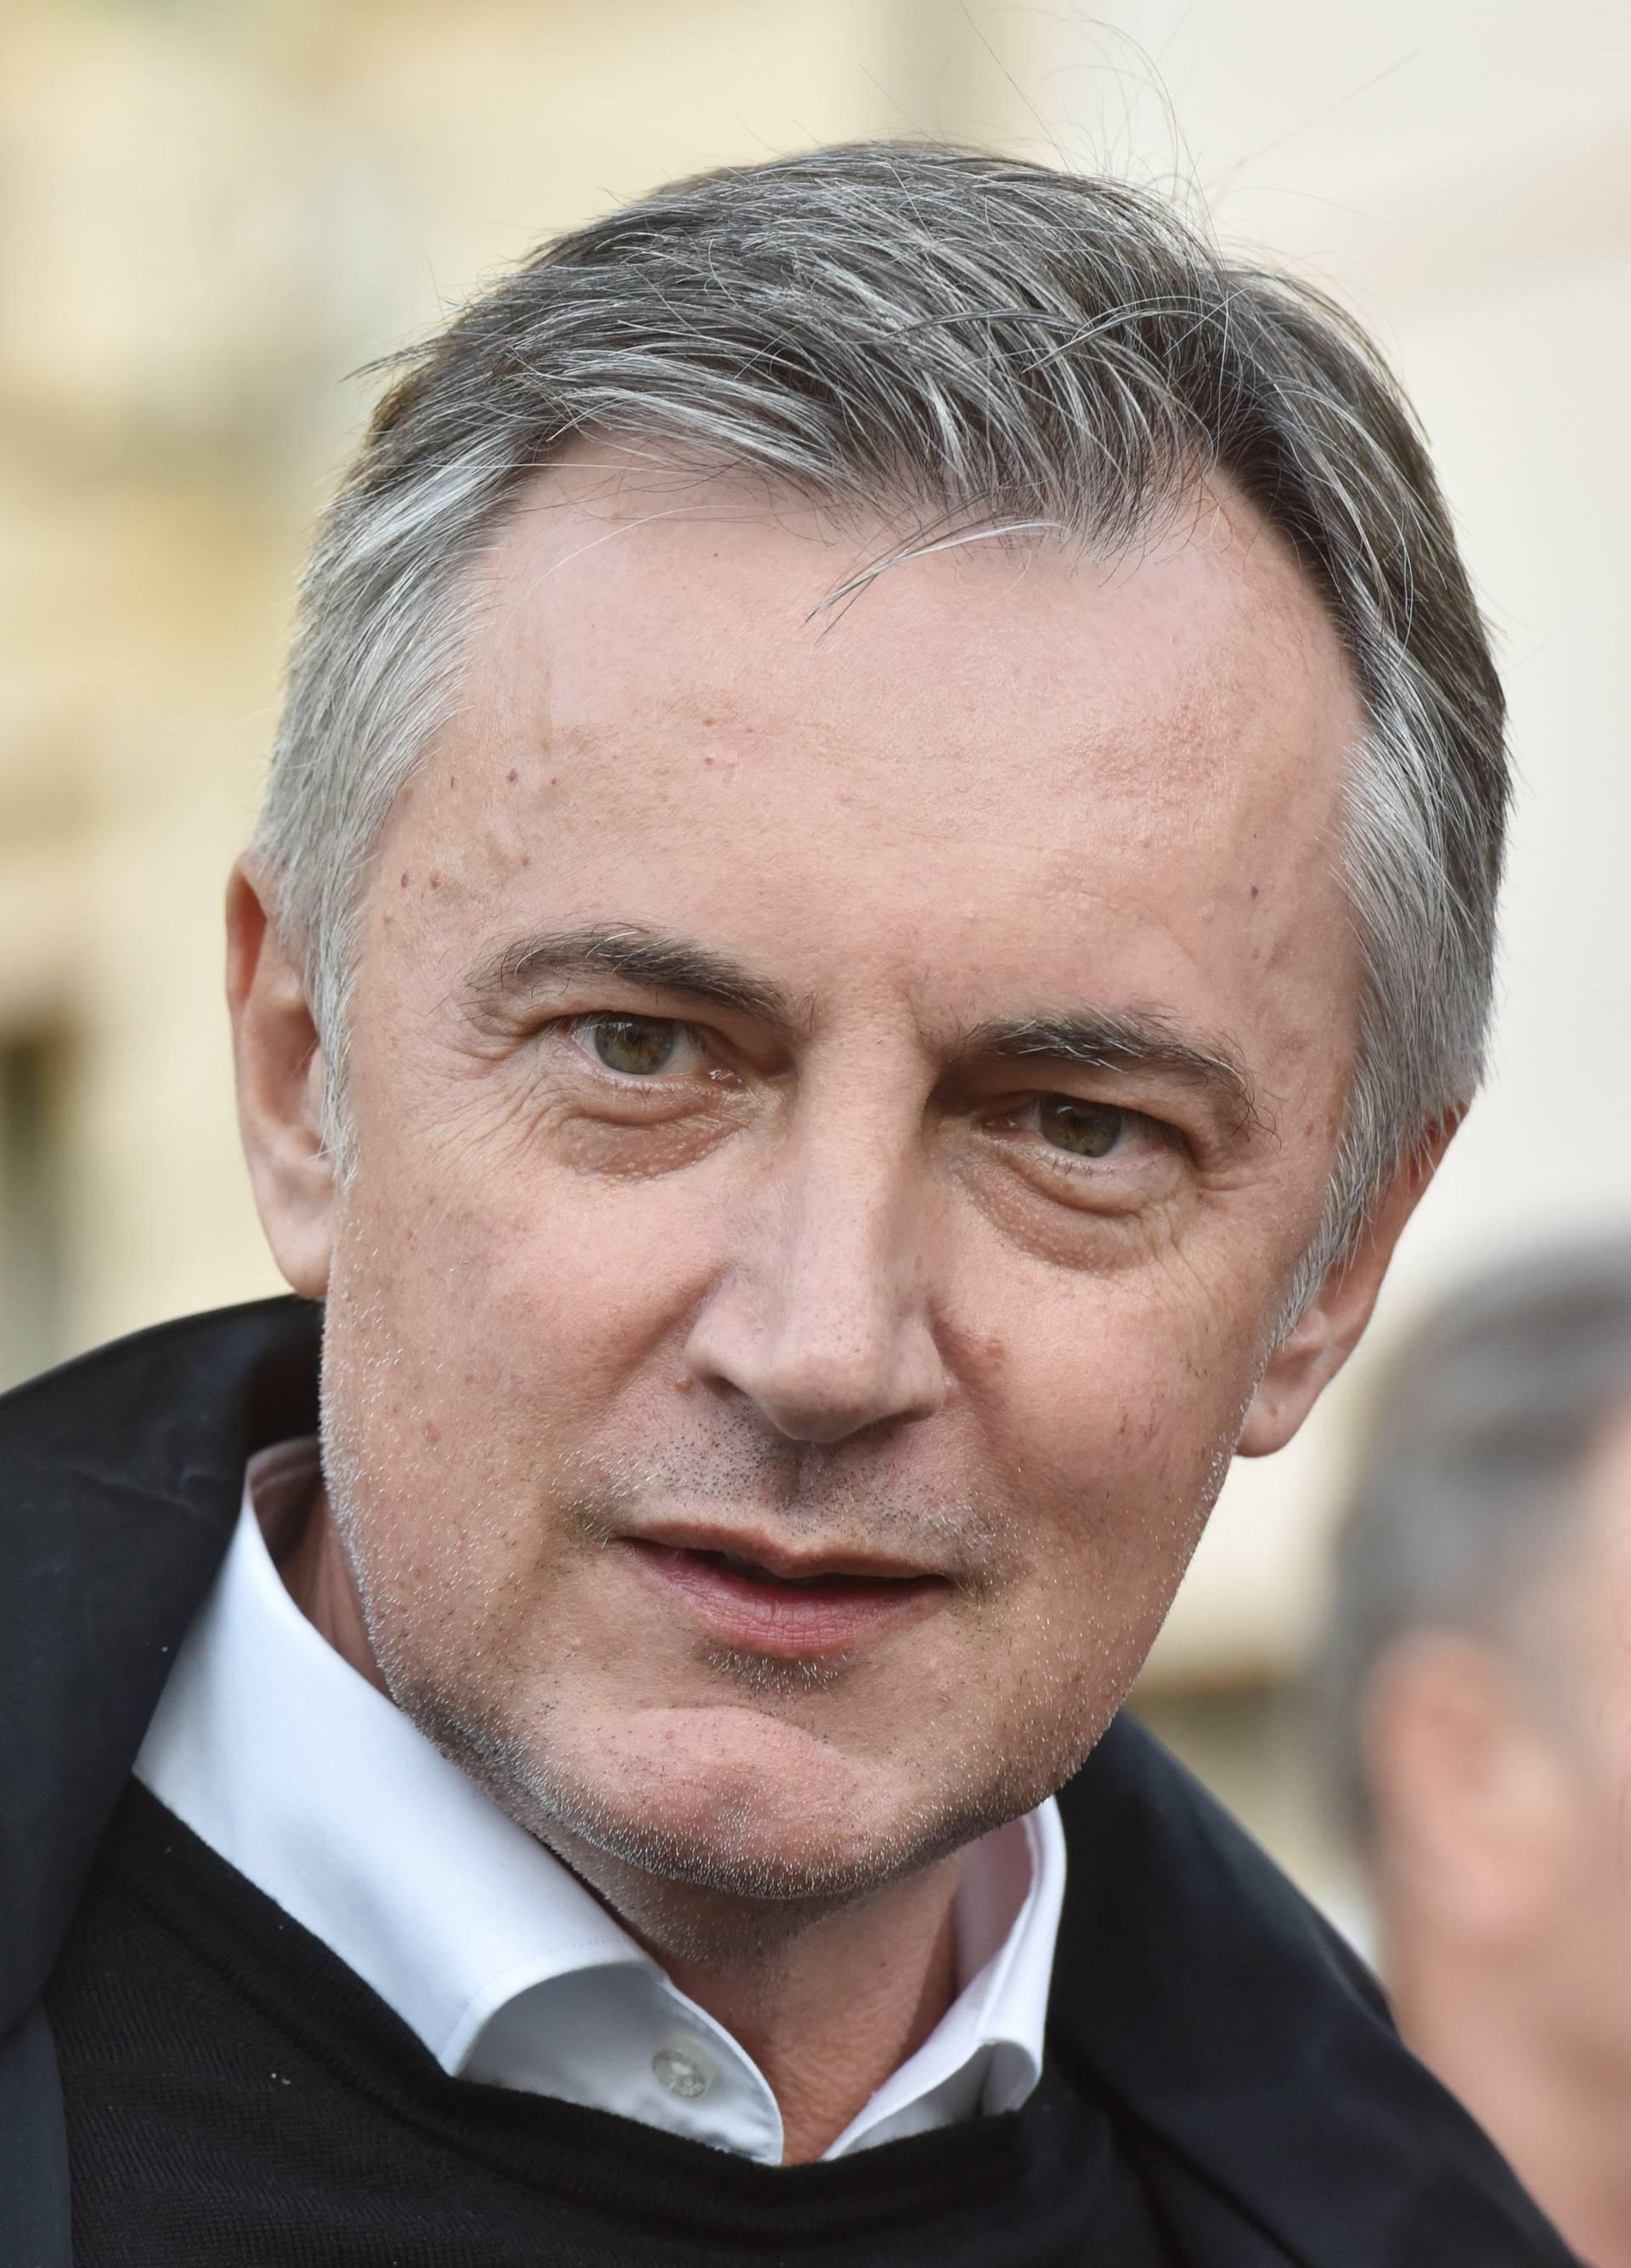 Predsjednički kandidat Miroslav Škoro družio se sa građanima u Šibeniku